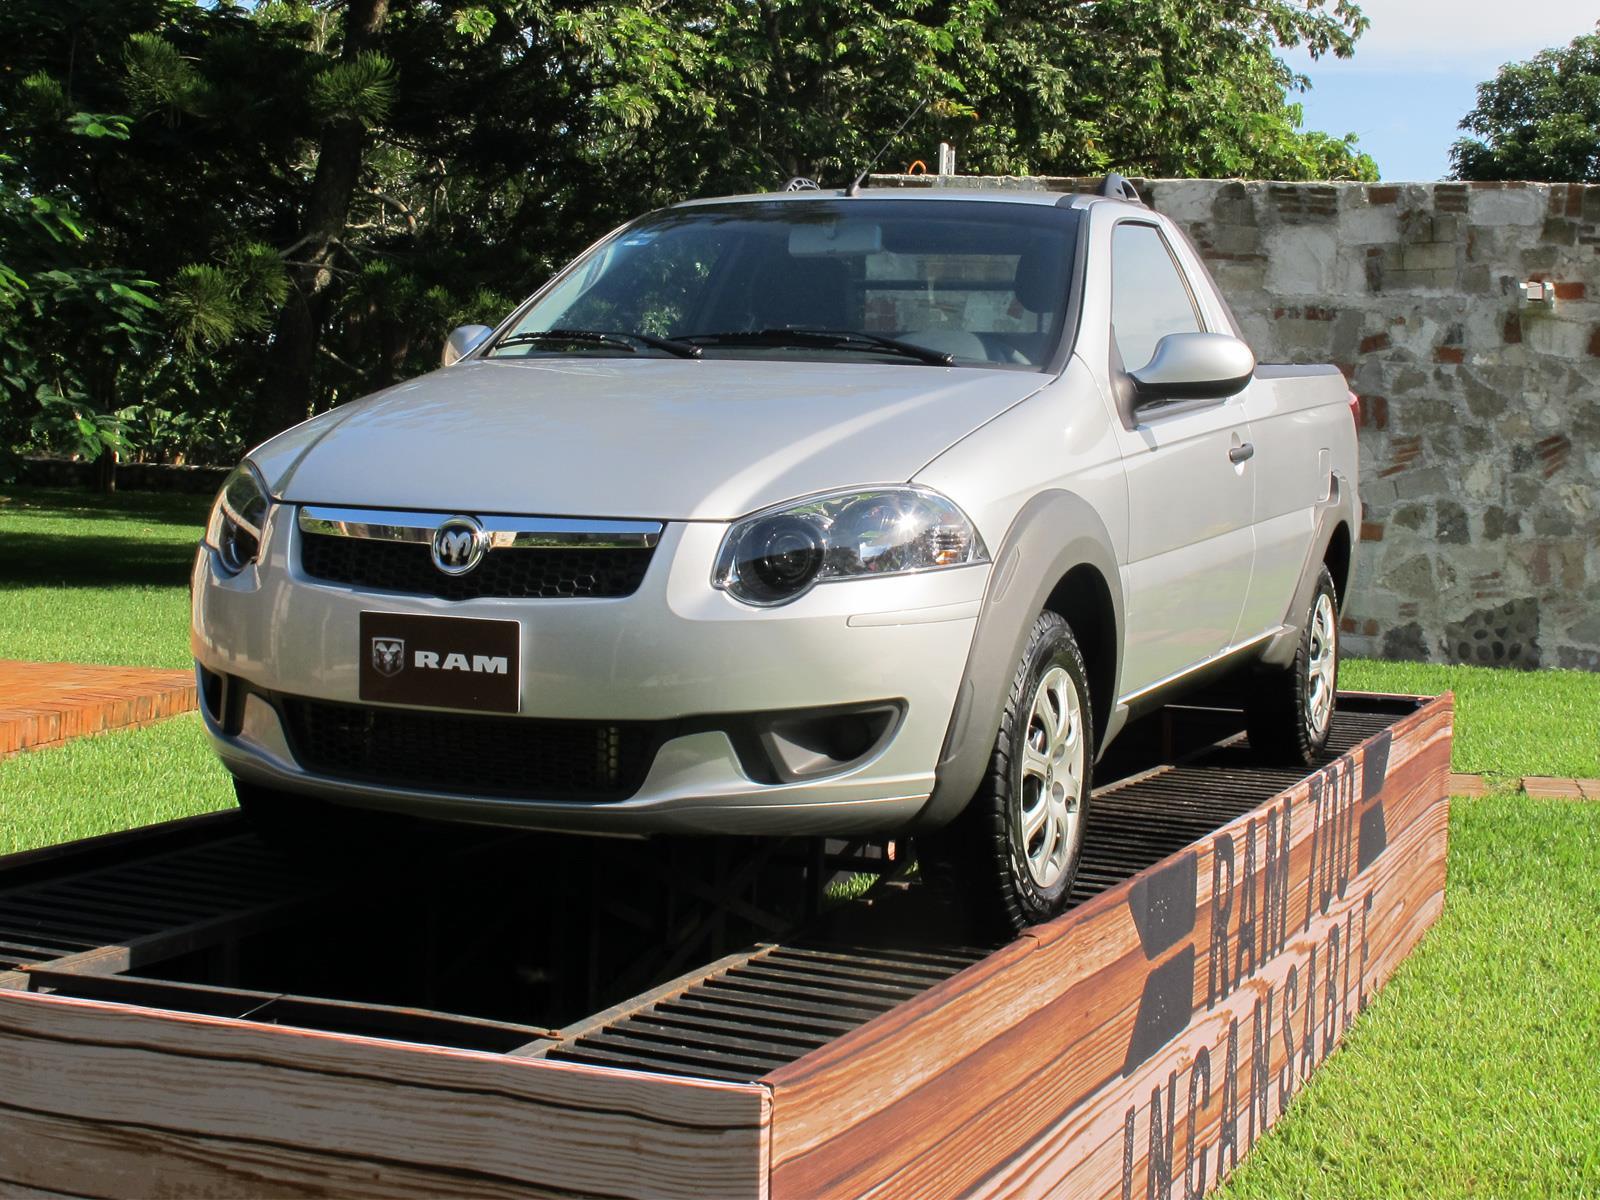 Ram 700 llega a México desde $189,900 pesos - Autocosmos.com